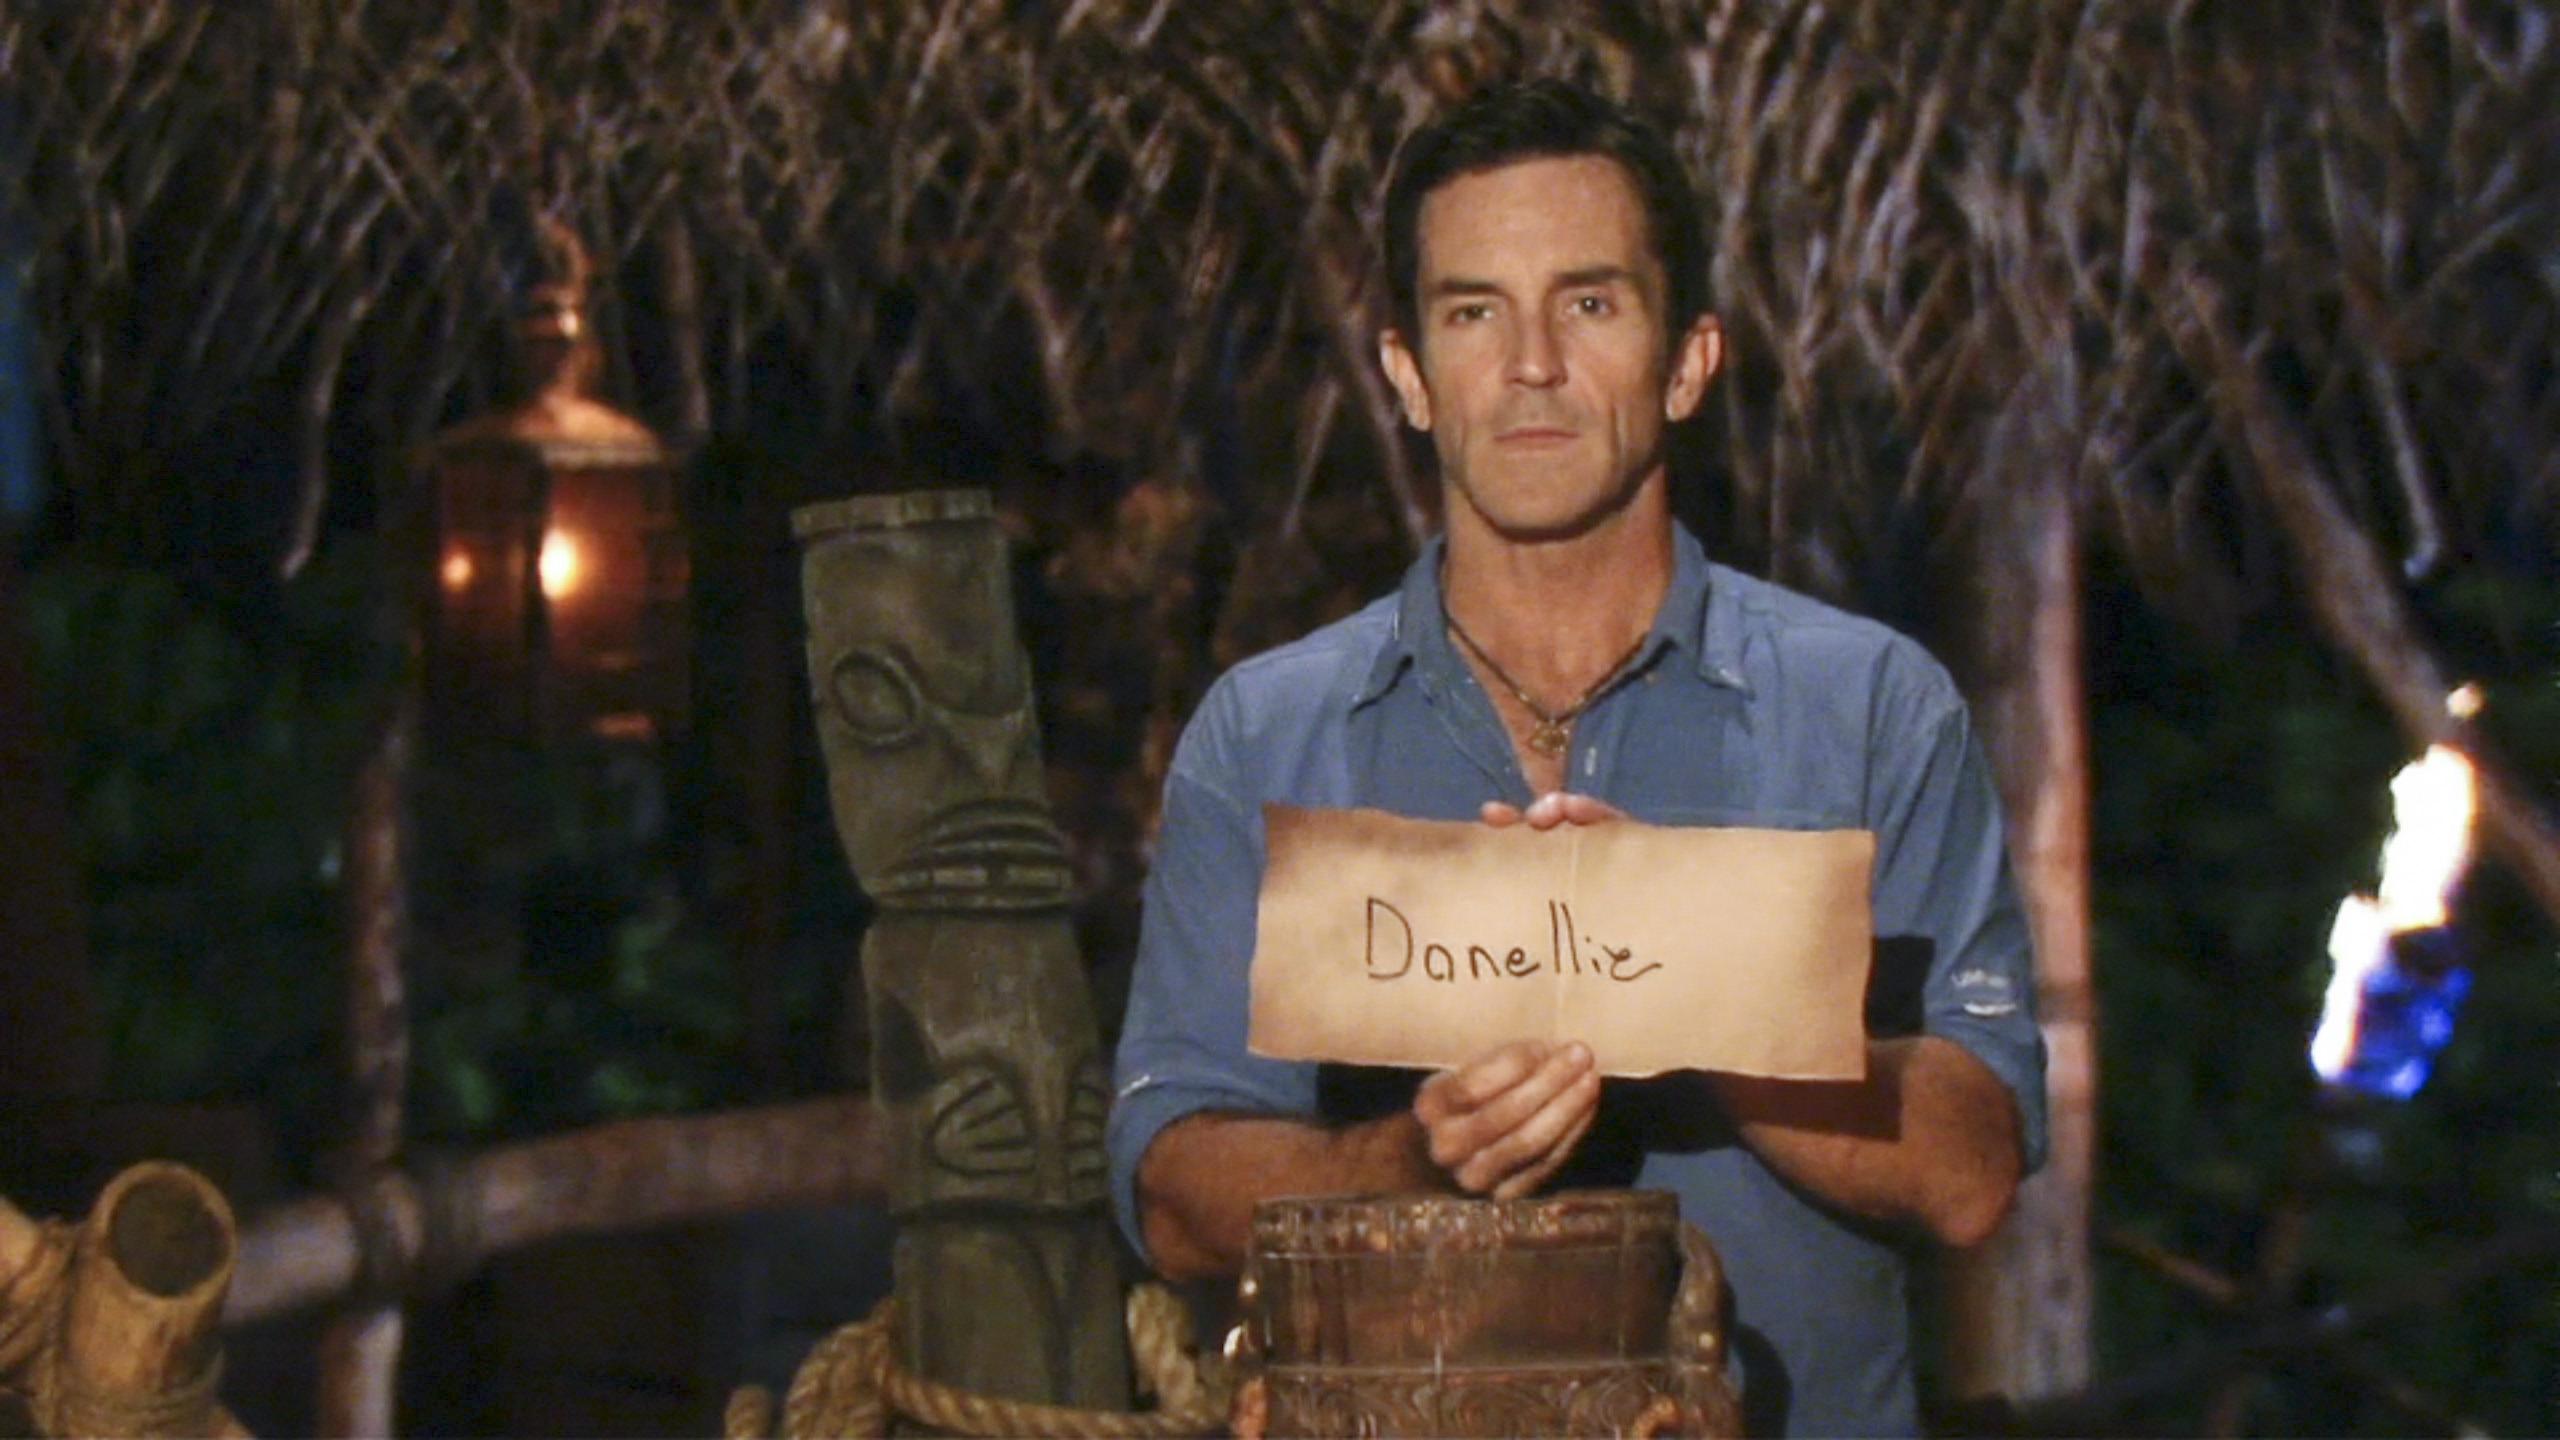 It's Danielle, not